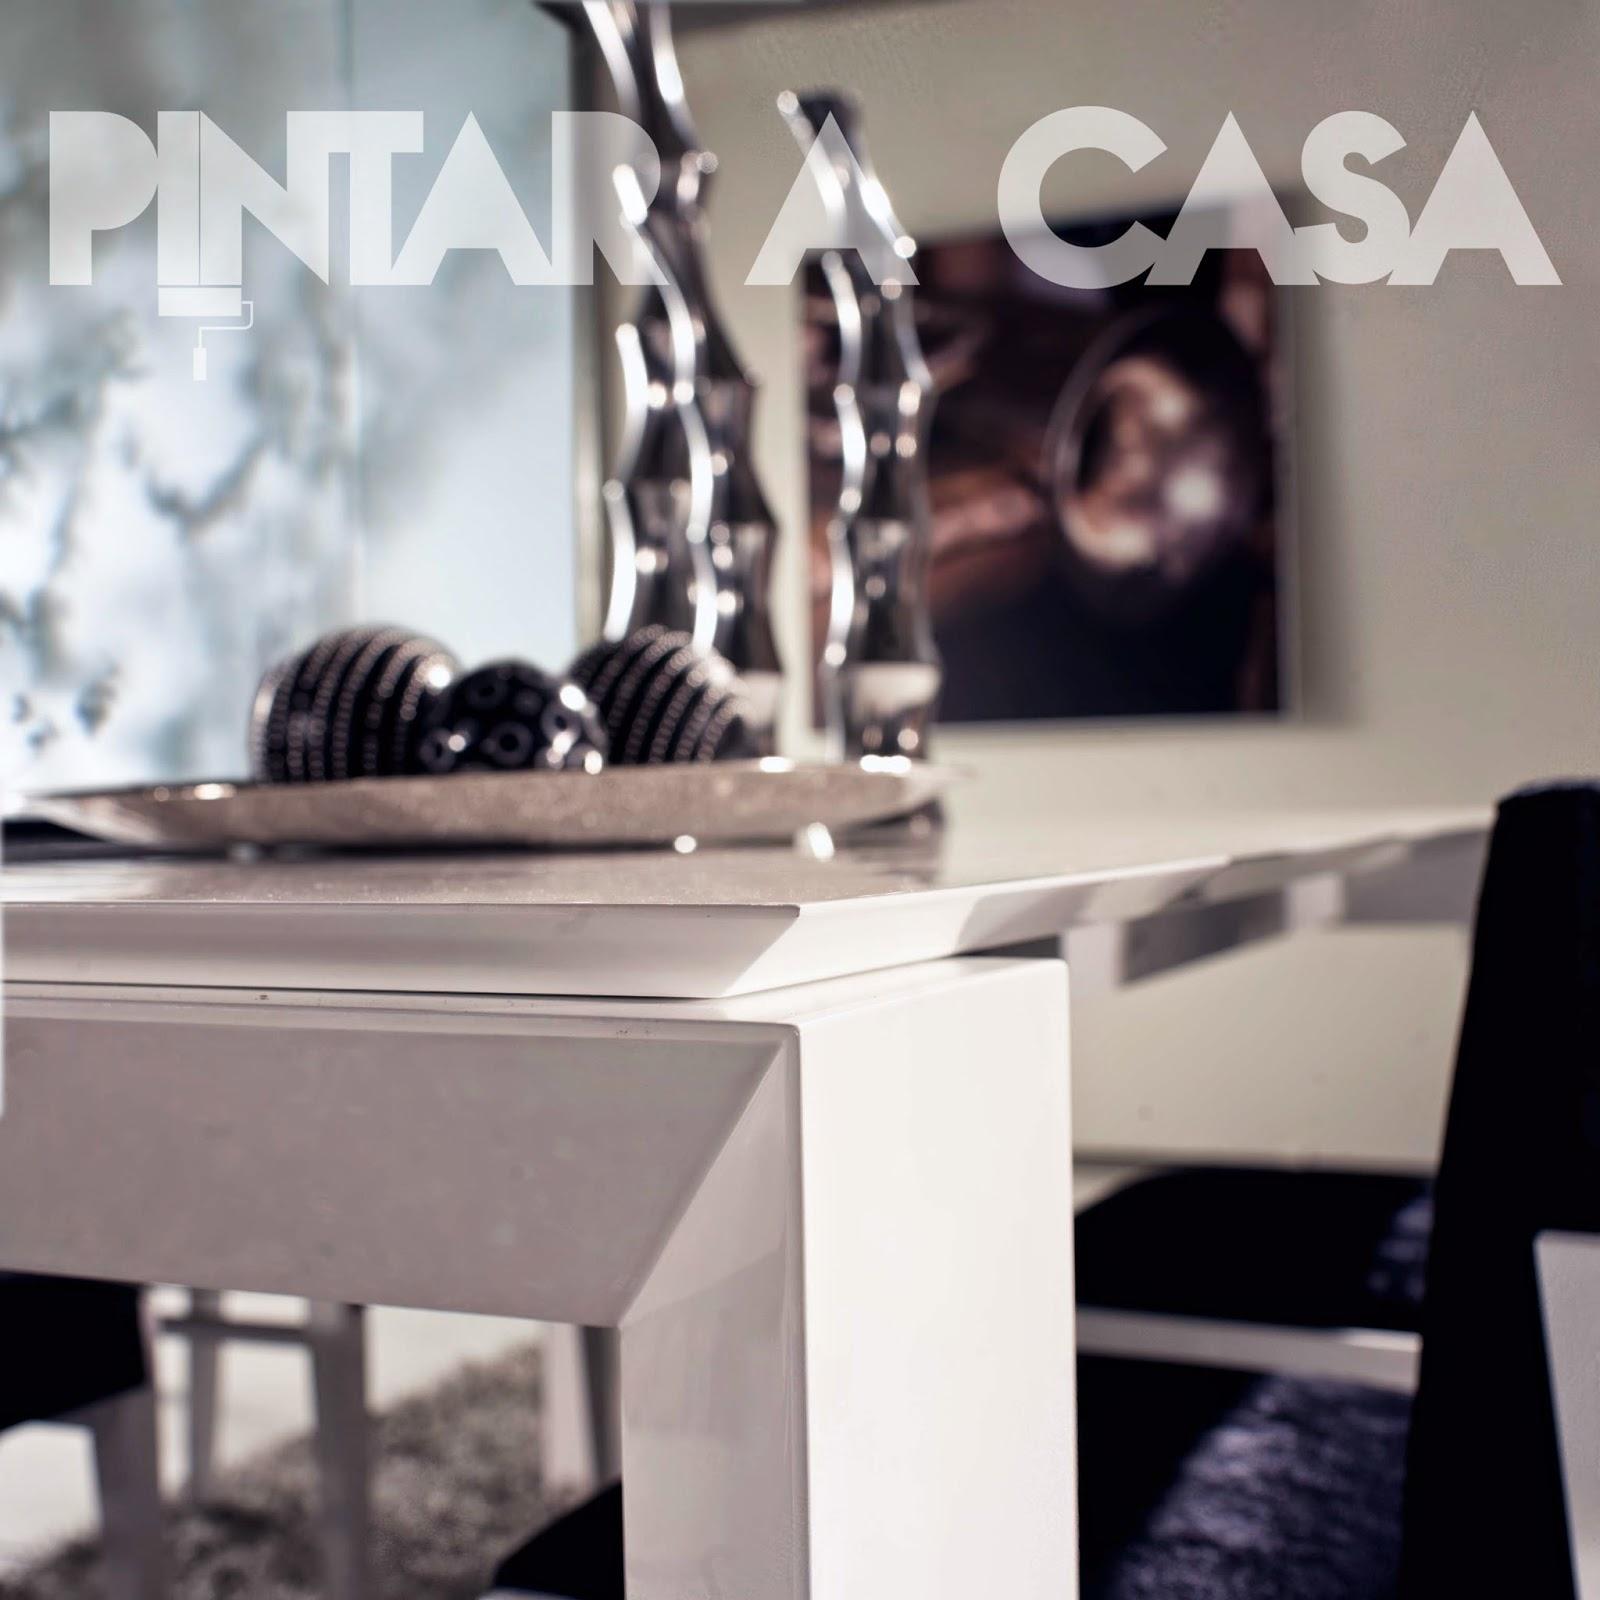 decoração-sala-pintar-a-casa-cadeiras-móveis8